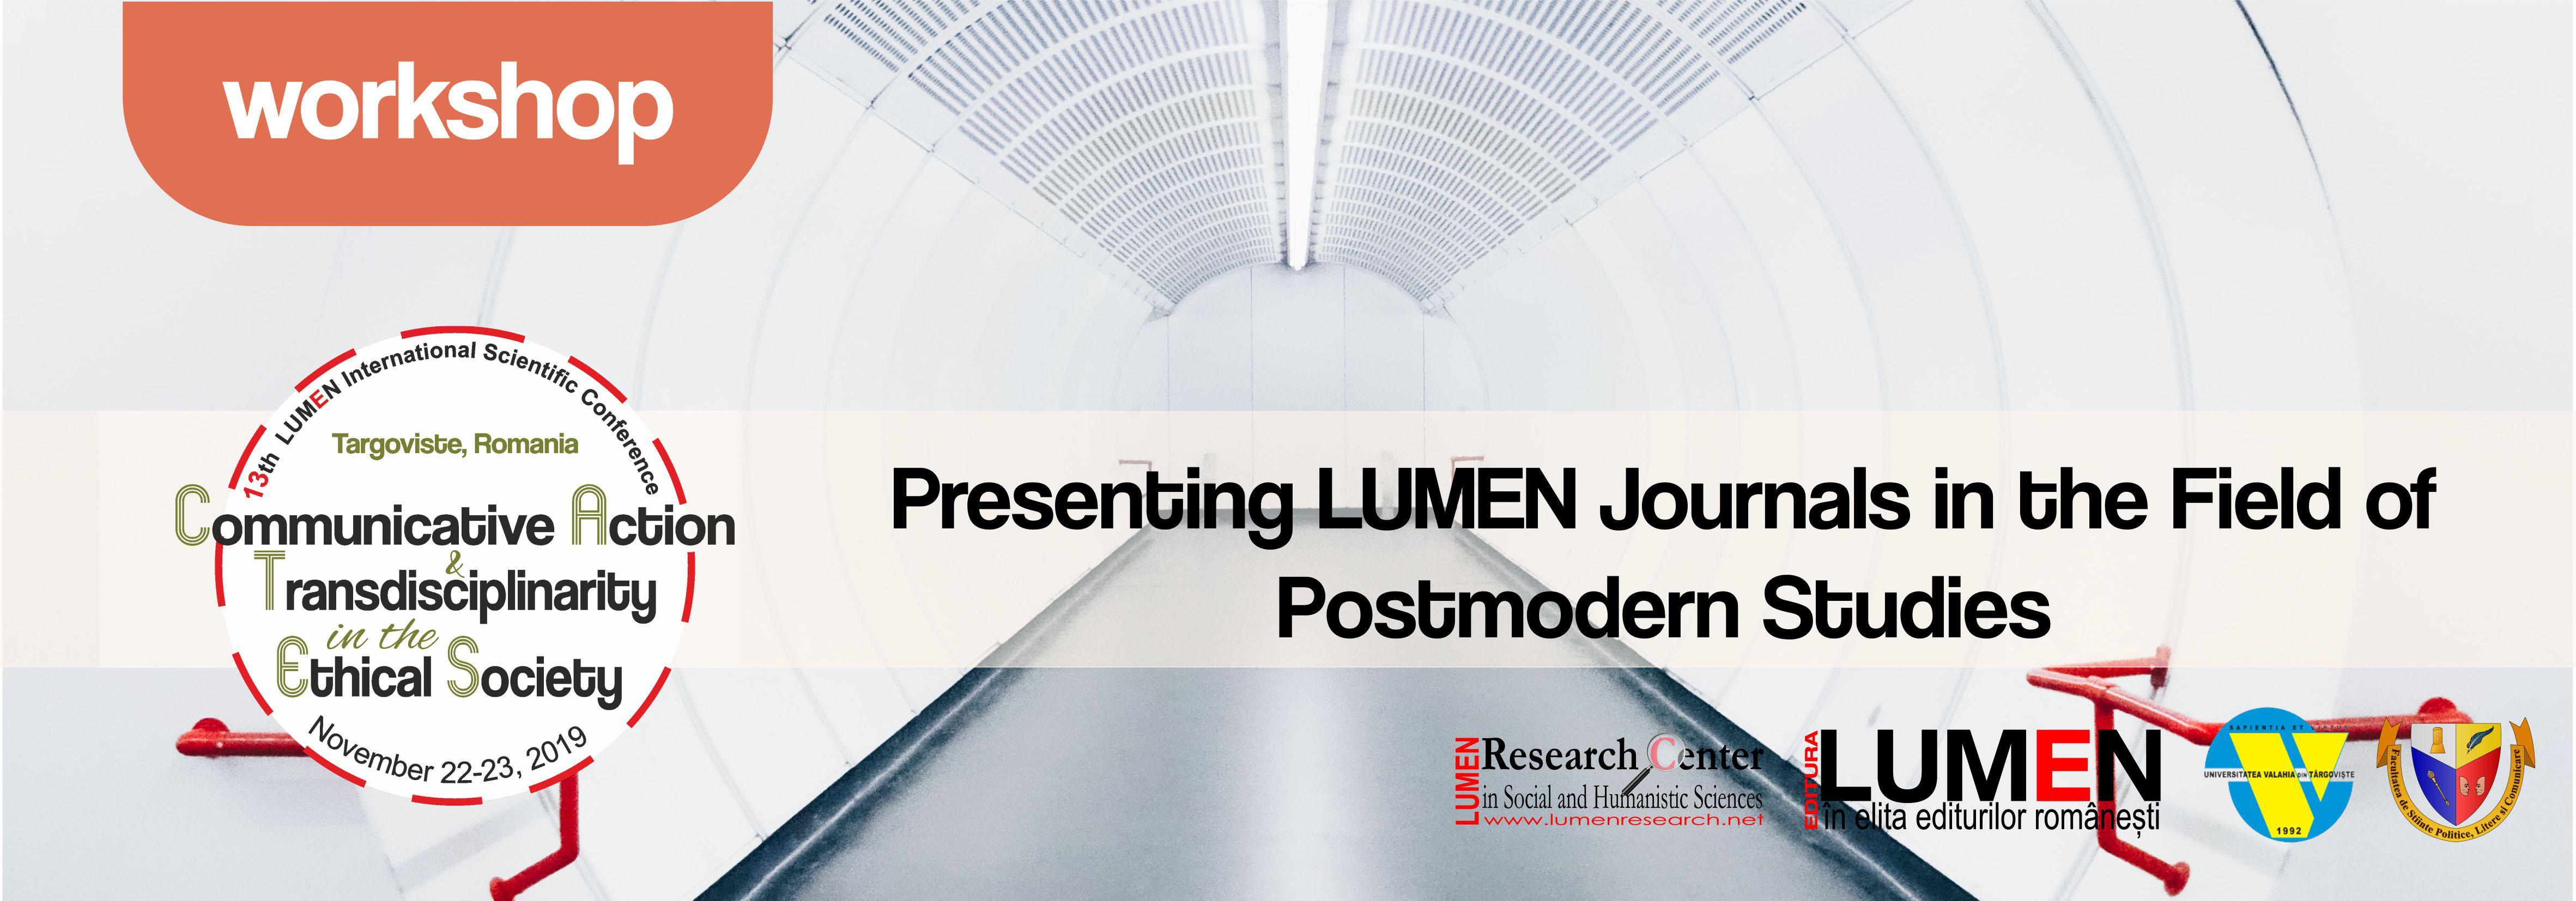 W14_Postmodern-journals